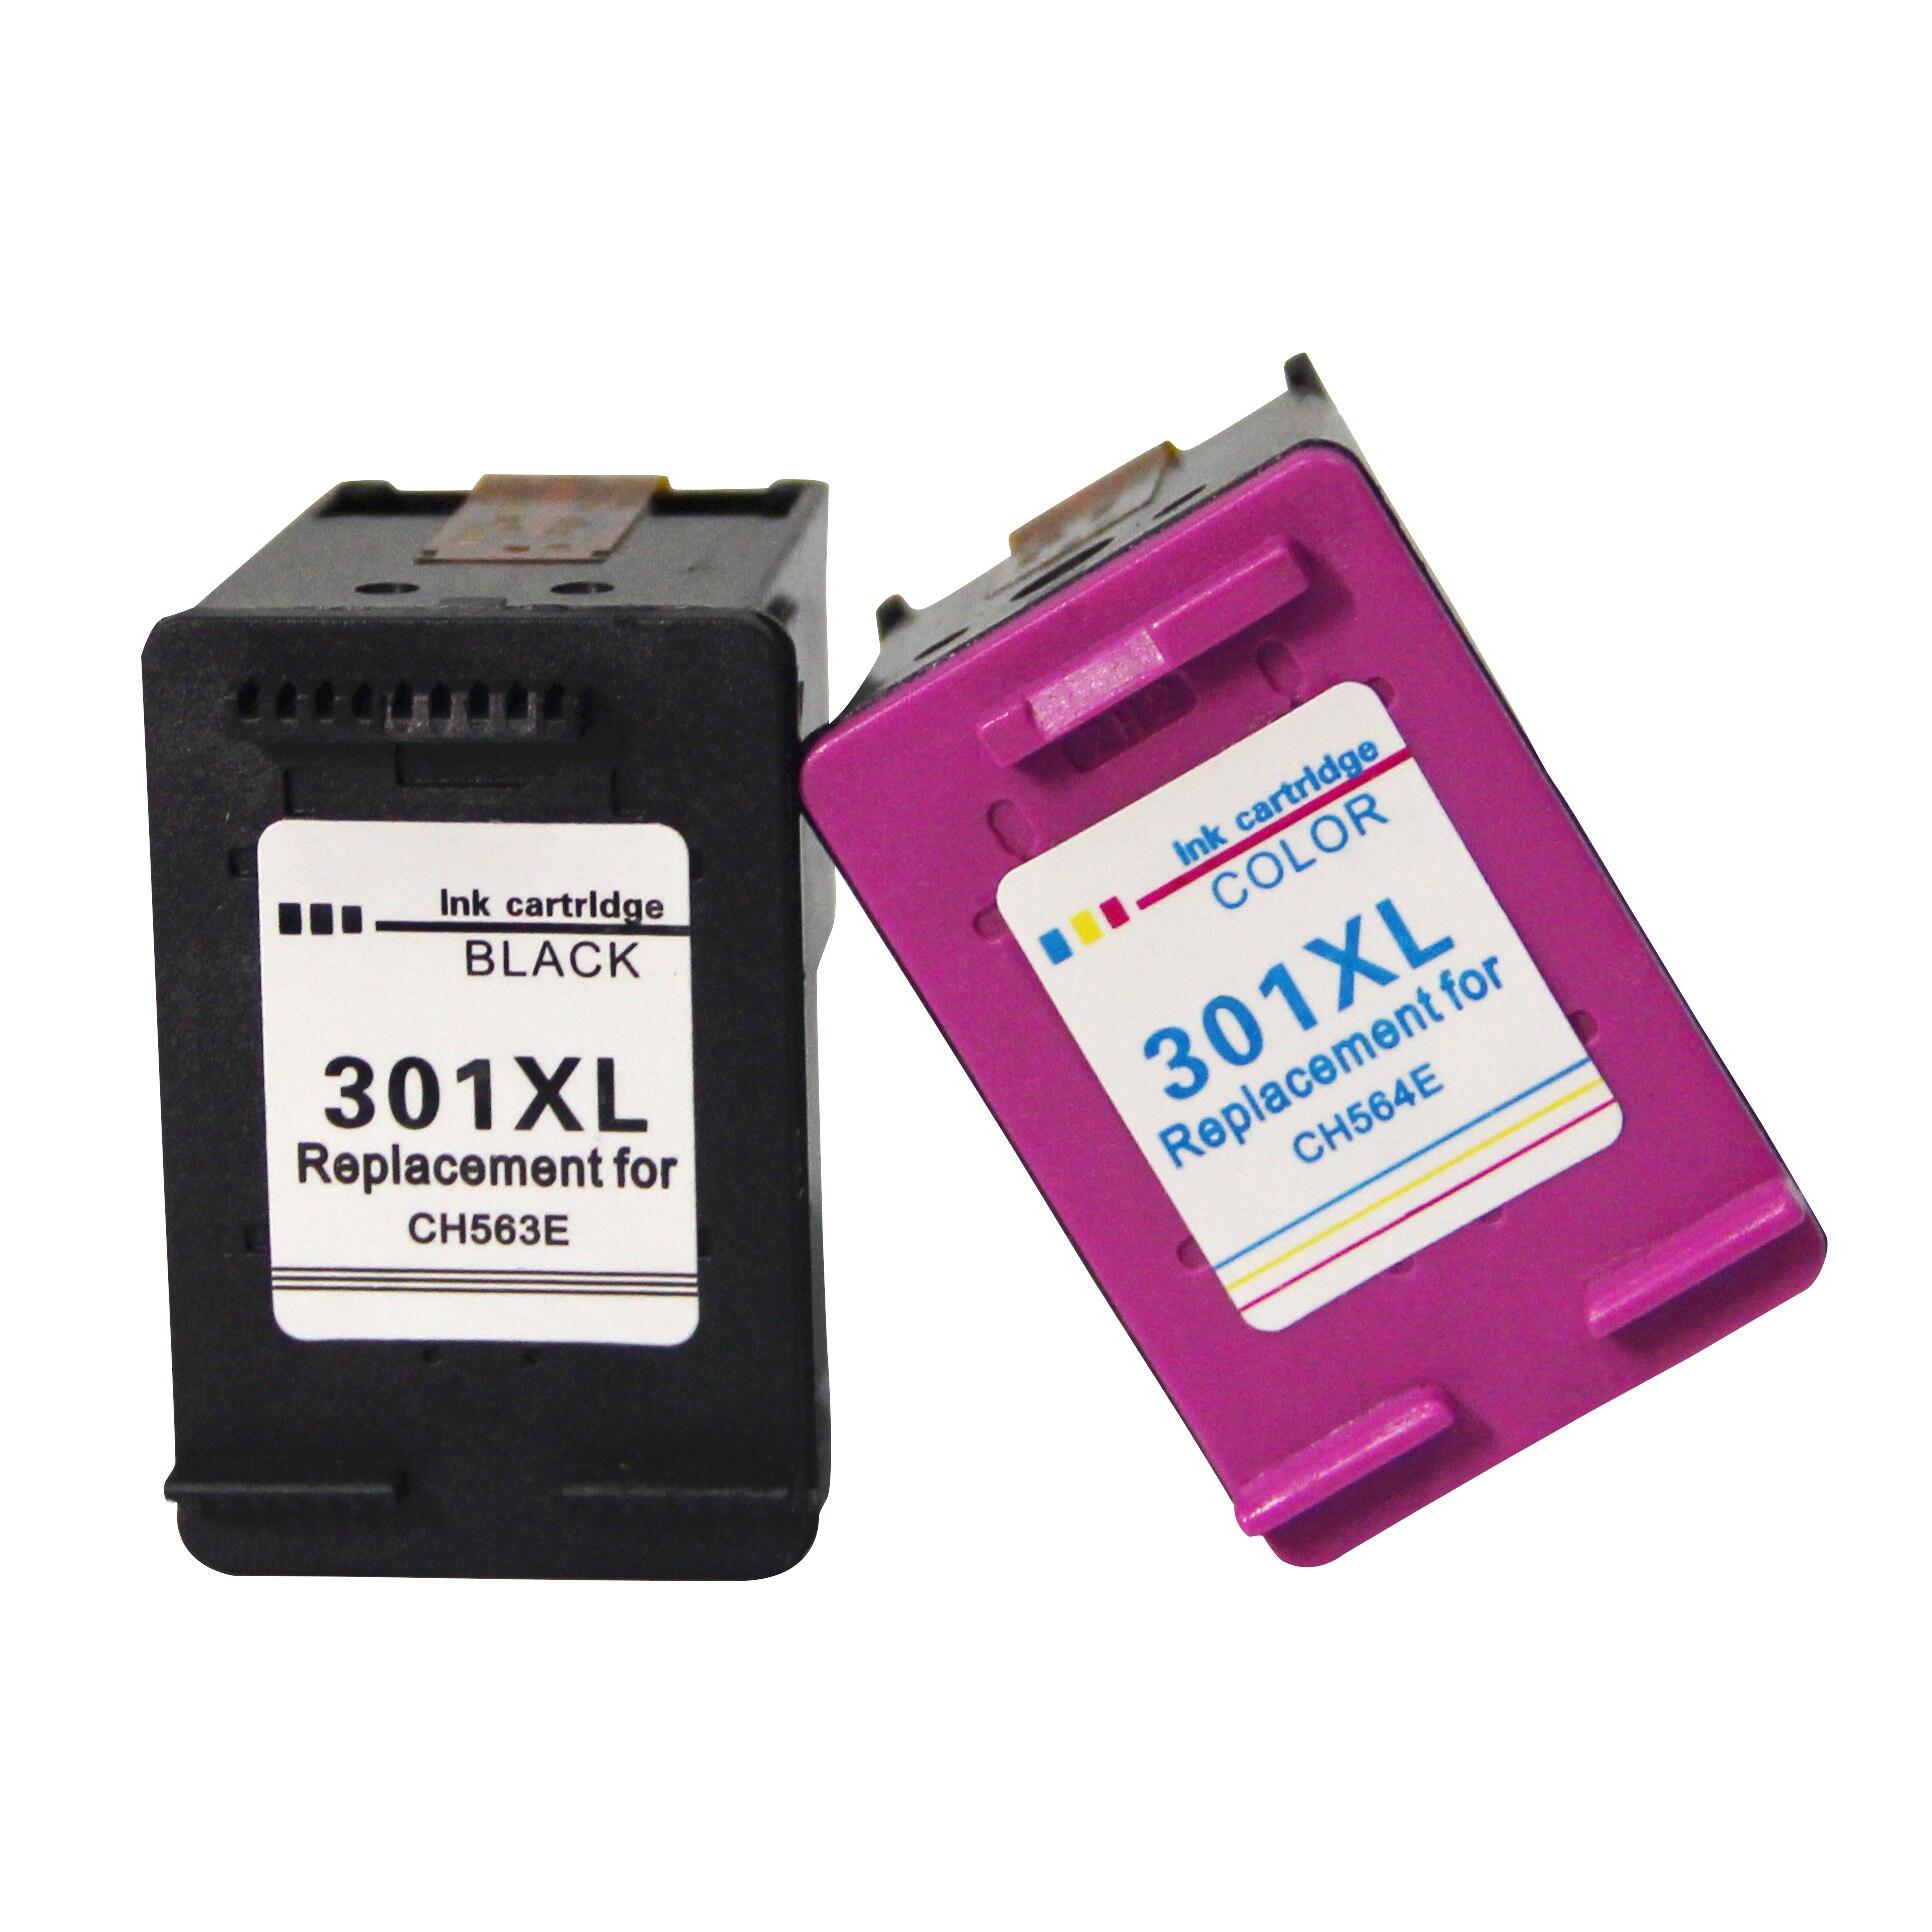 Совместимый чернильный картридж 301XL для HP 301 работает на HP Deskjet 1000 1050 2000 2050 2050S 2510 3510 3050 3050a принтерах